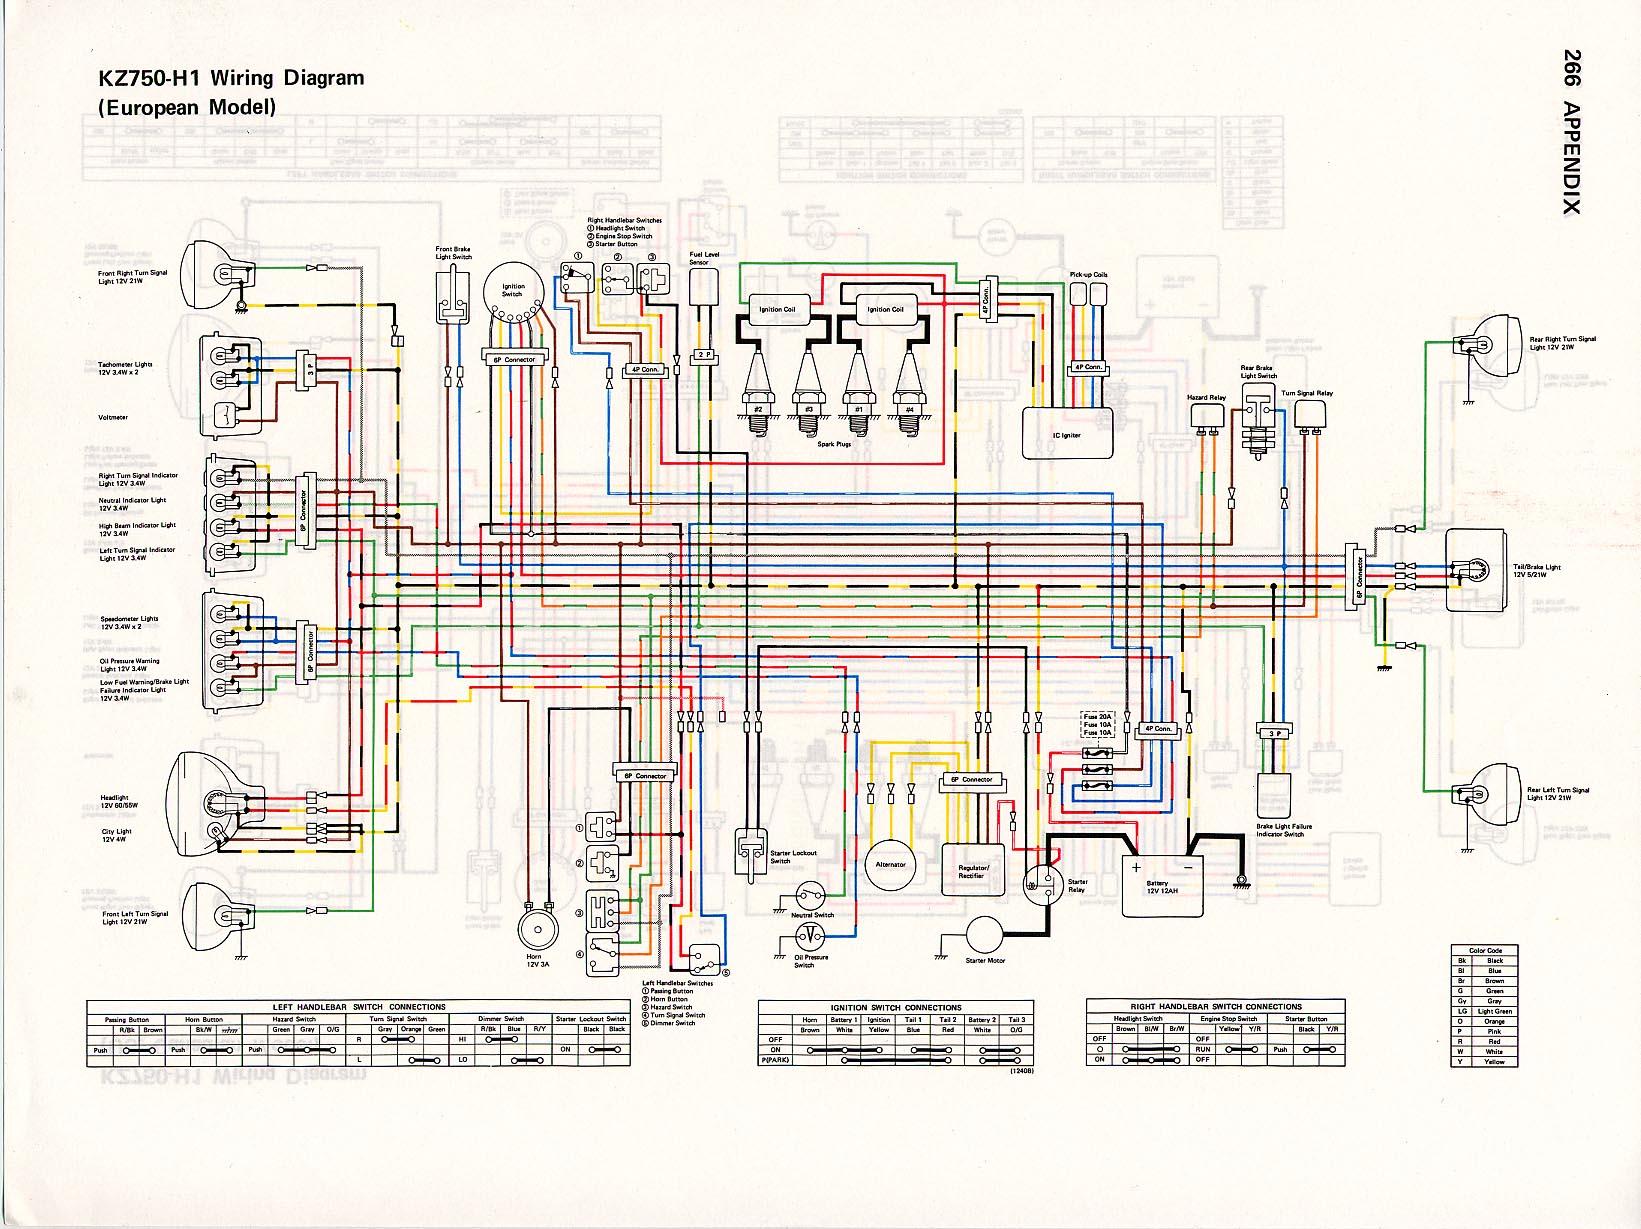 Kawasaki H1 Wiring Diagram - Wiring Diagram Database